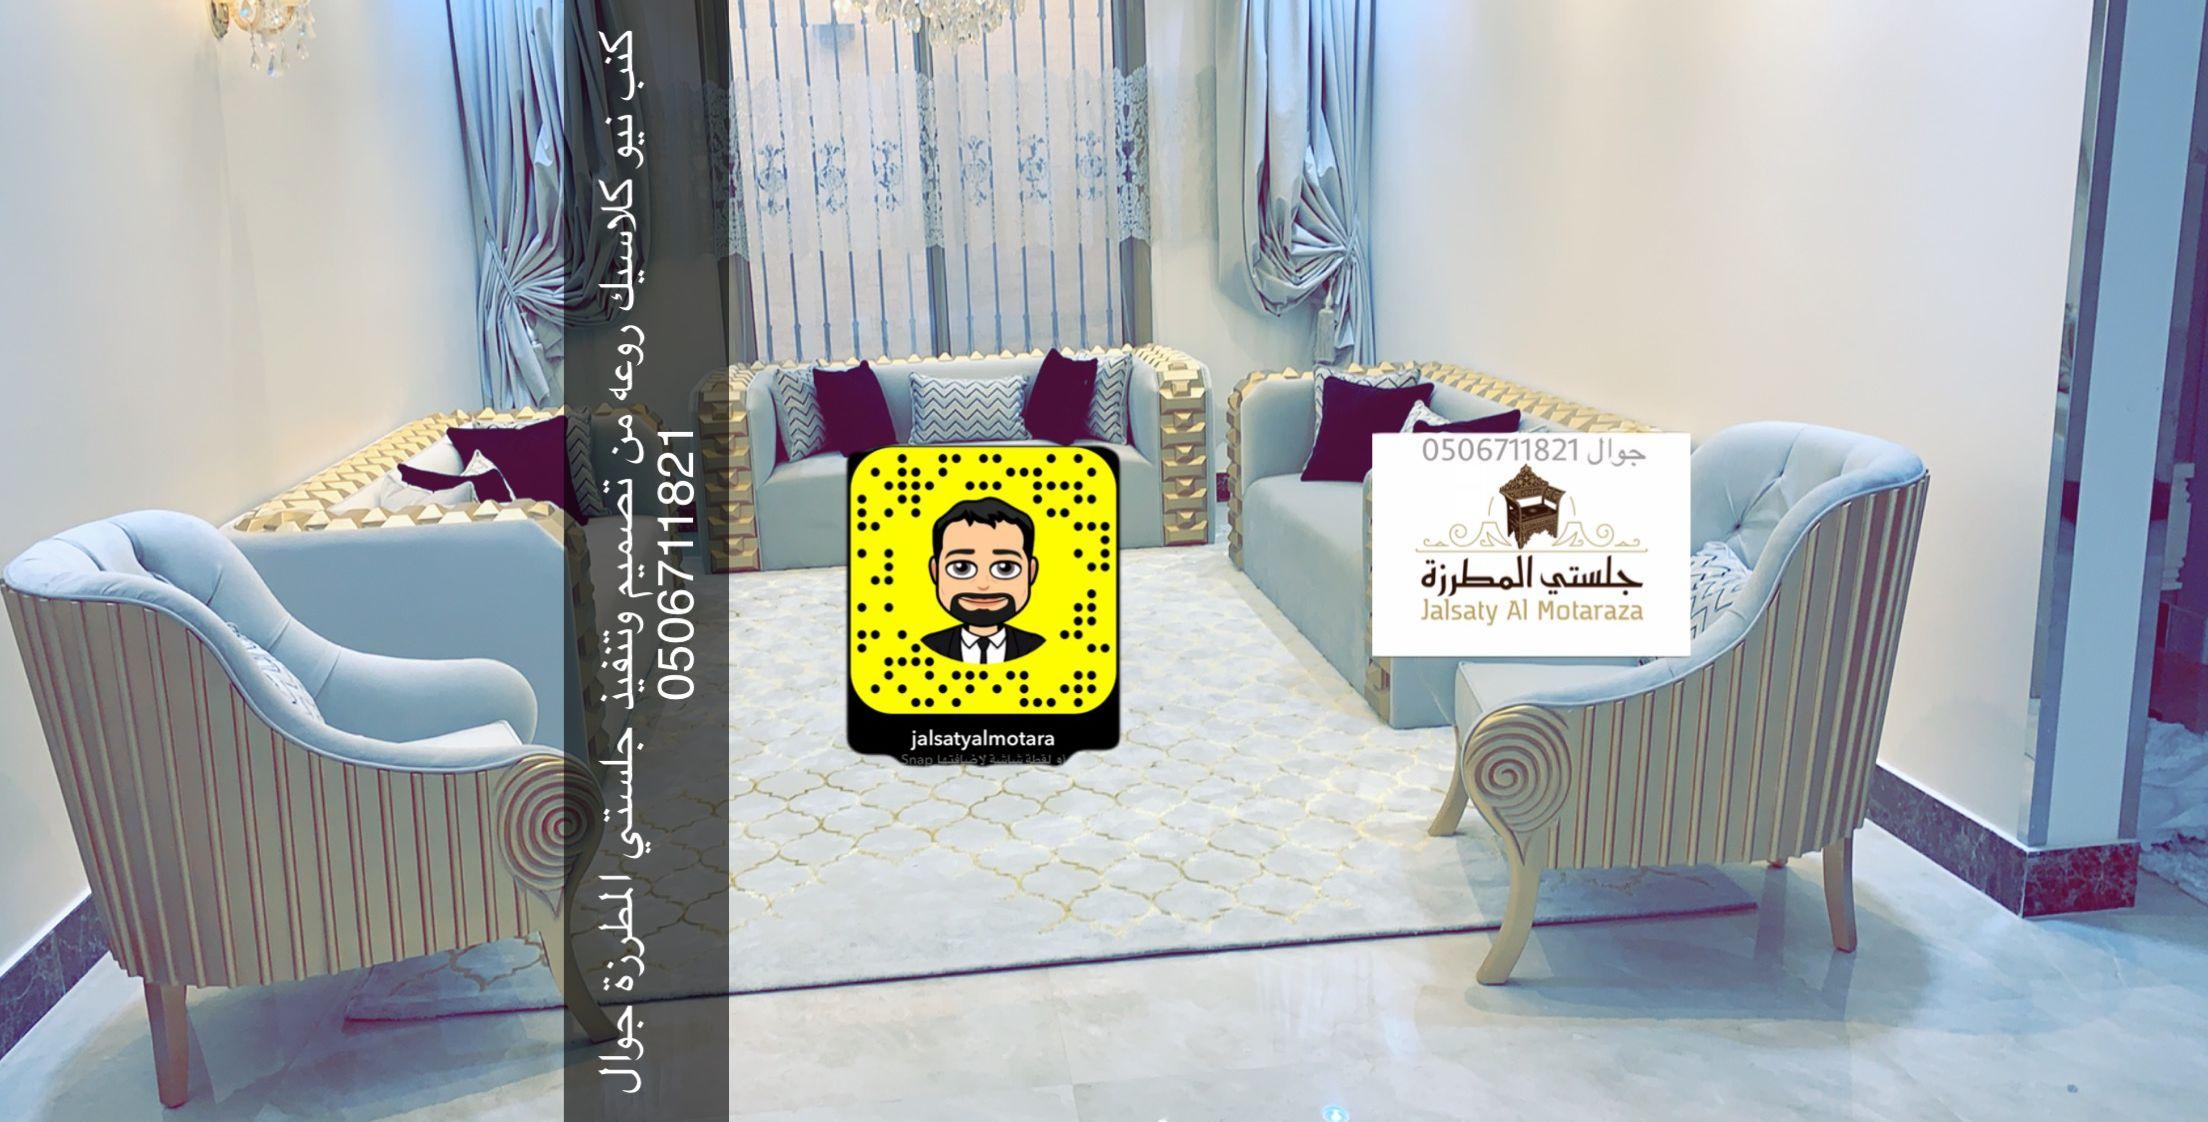 مجالس مغربية كنب مودرن كنب كلاسيك و ديكورات جوال التواصل